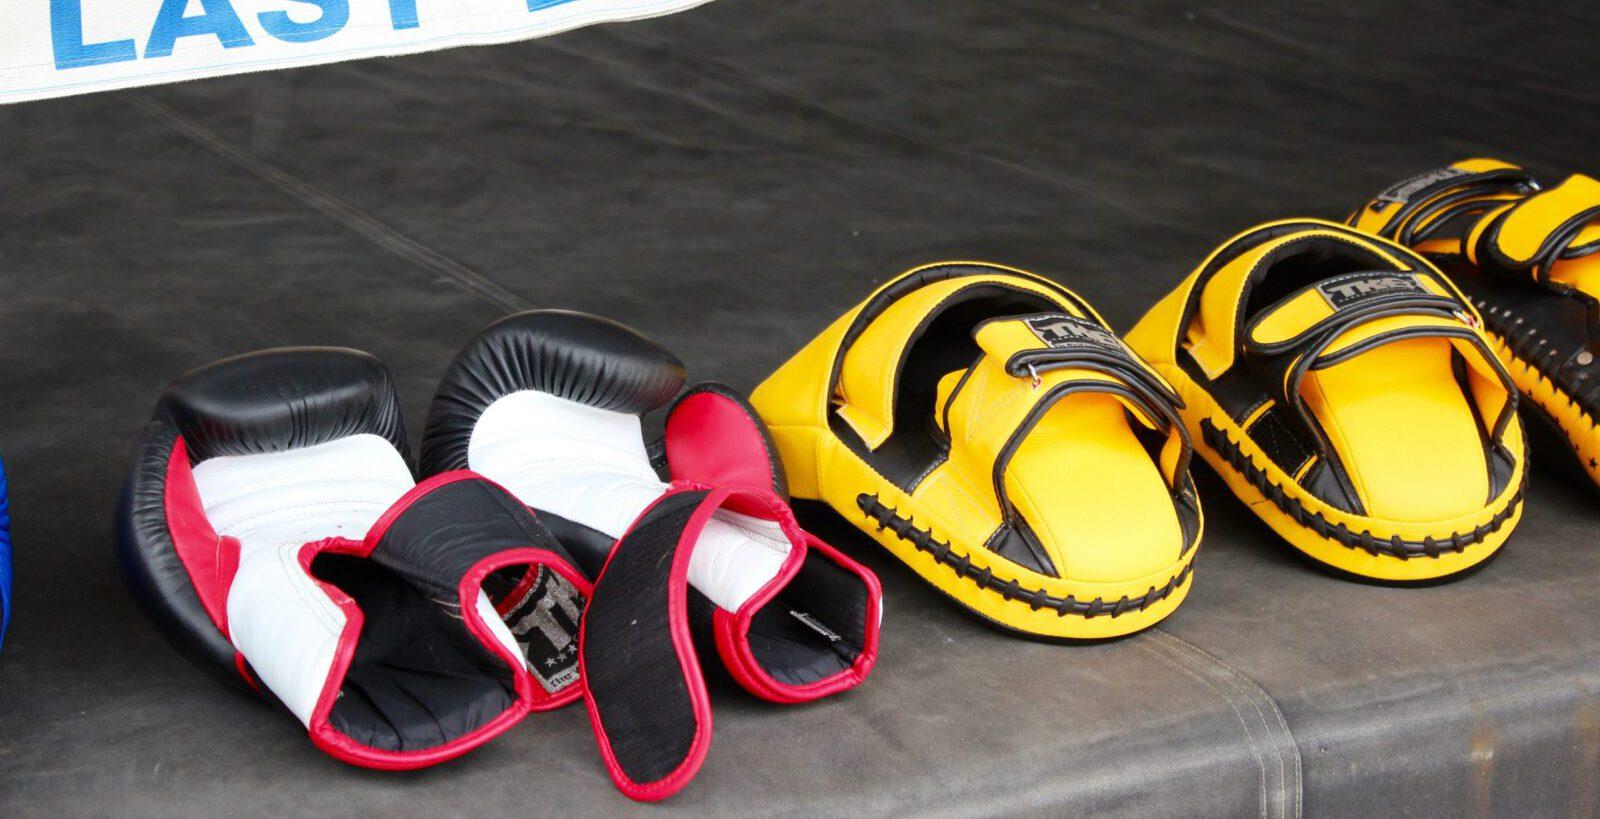 Bokshandschoenen en pads